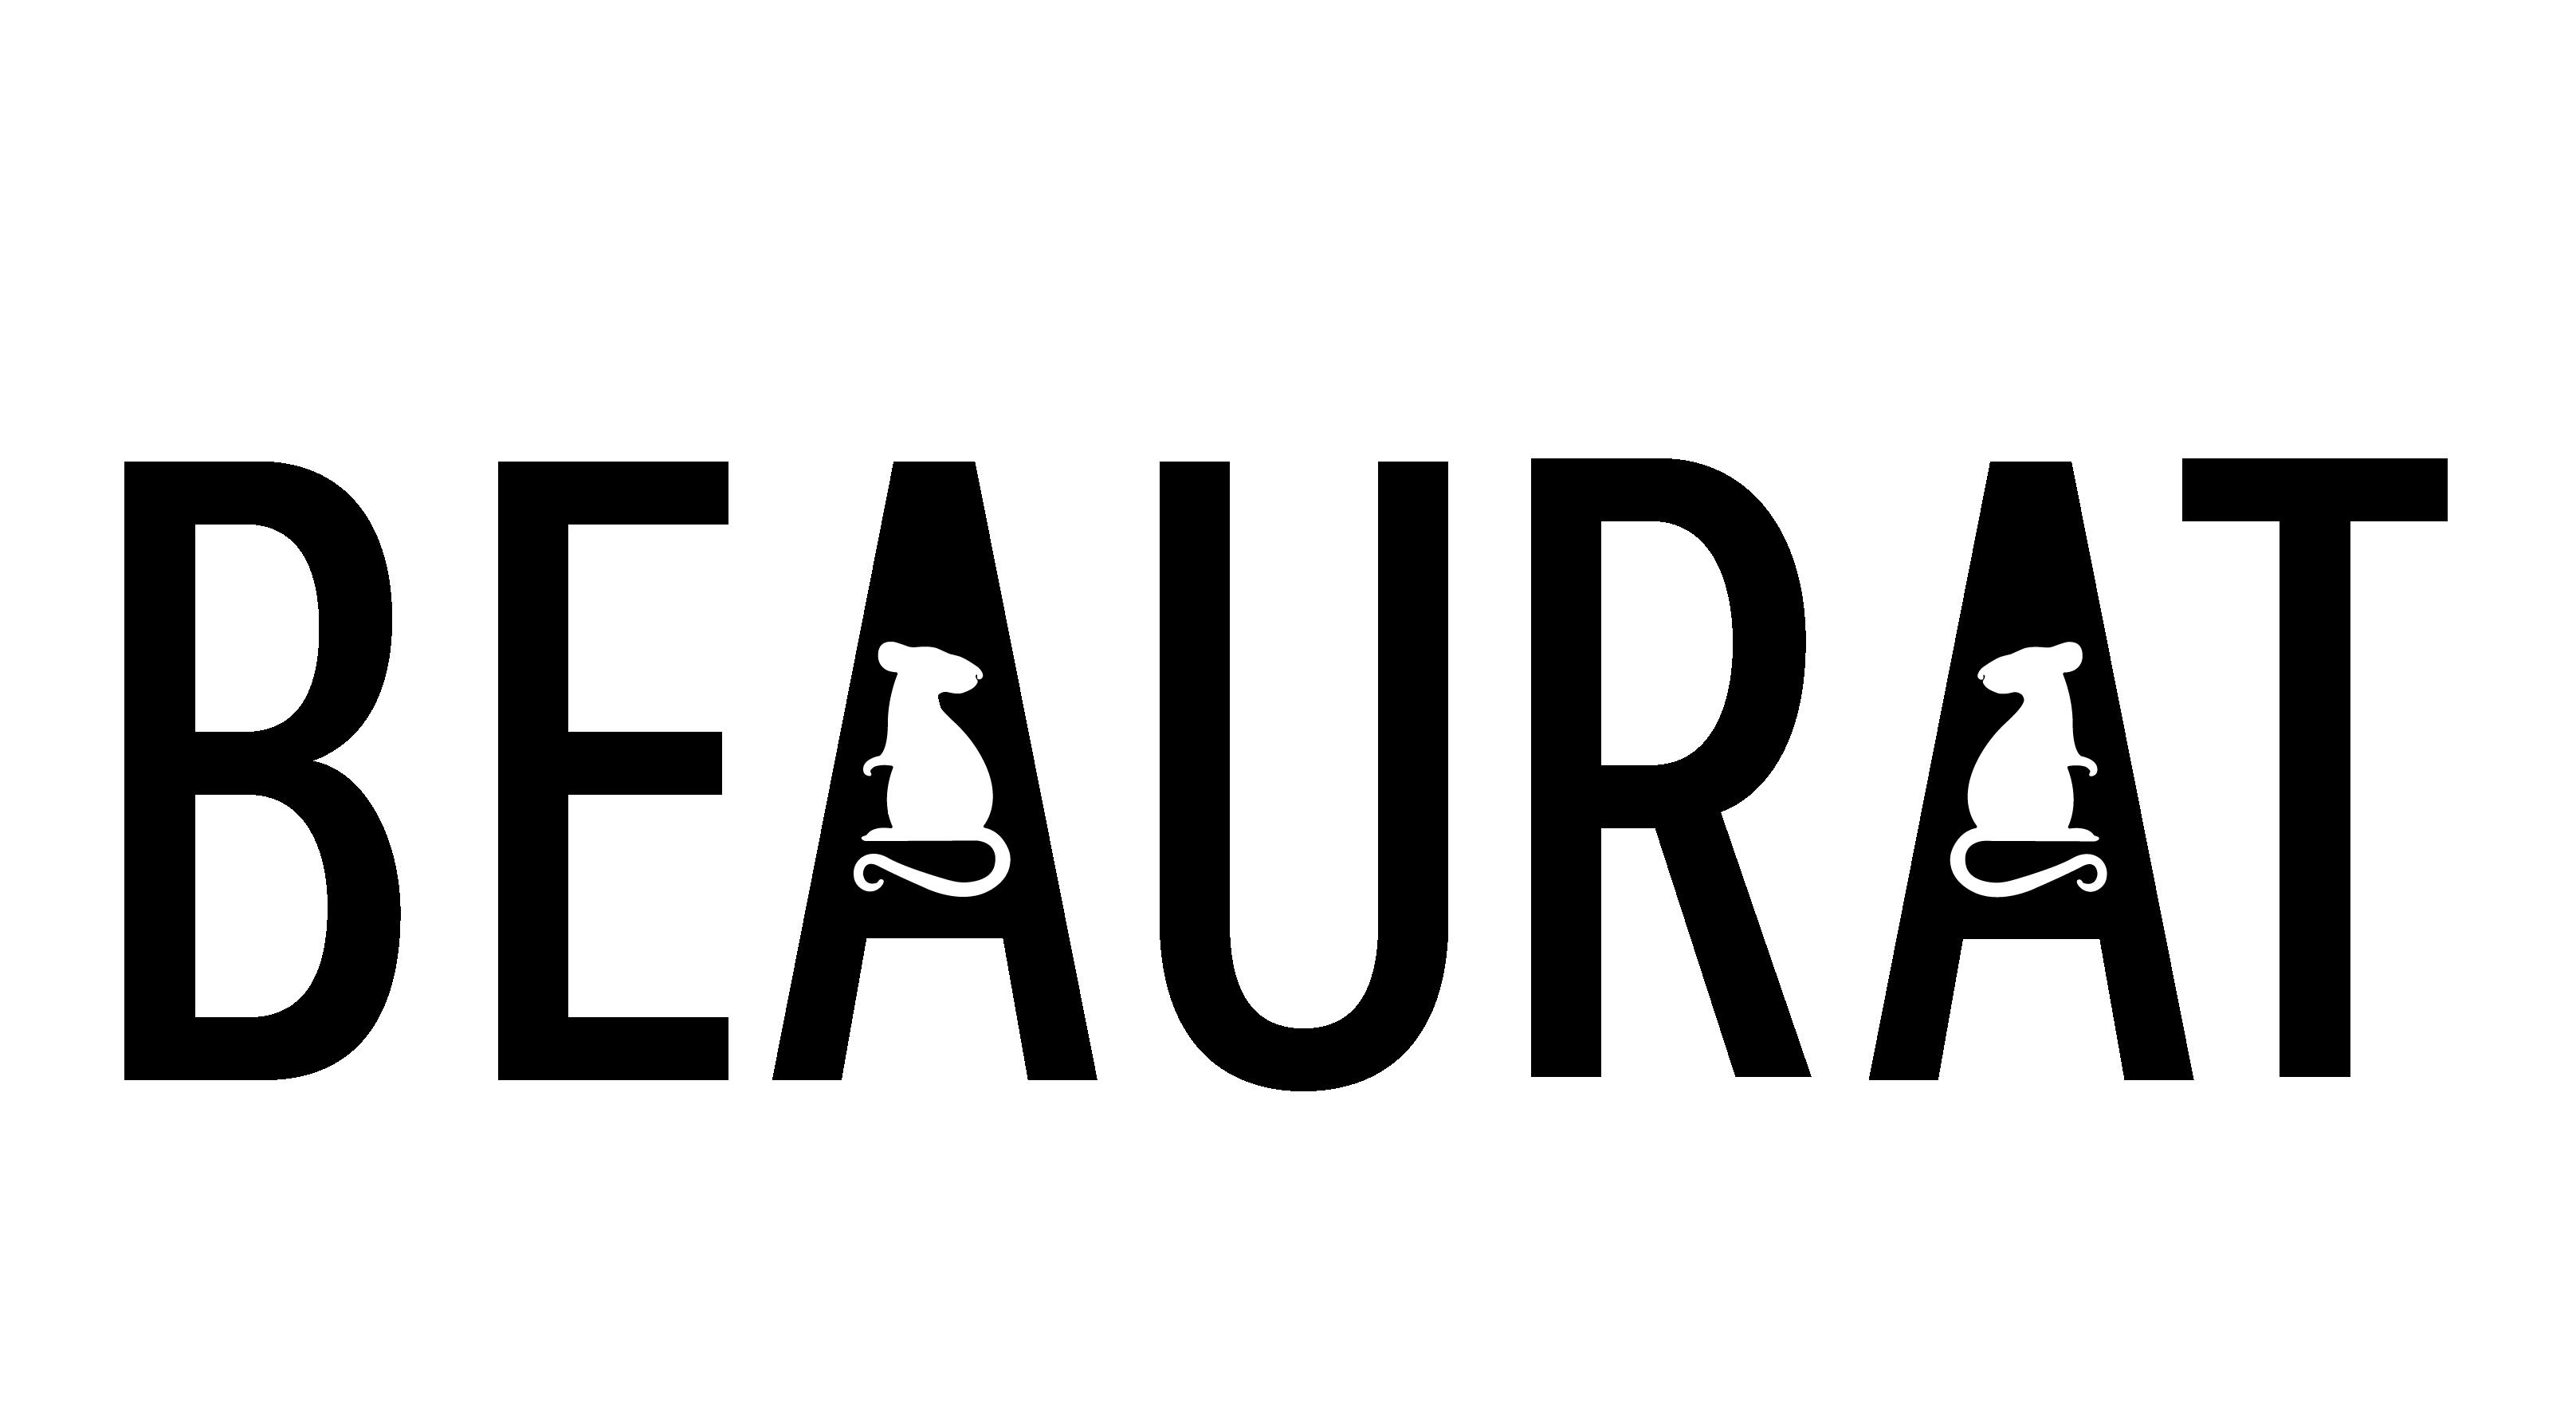 BEAURAT